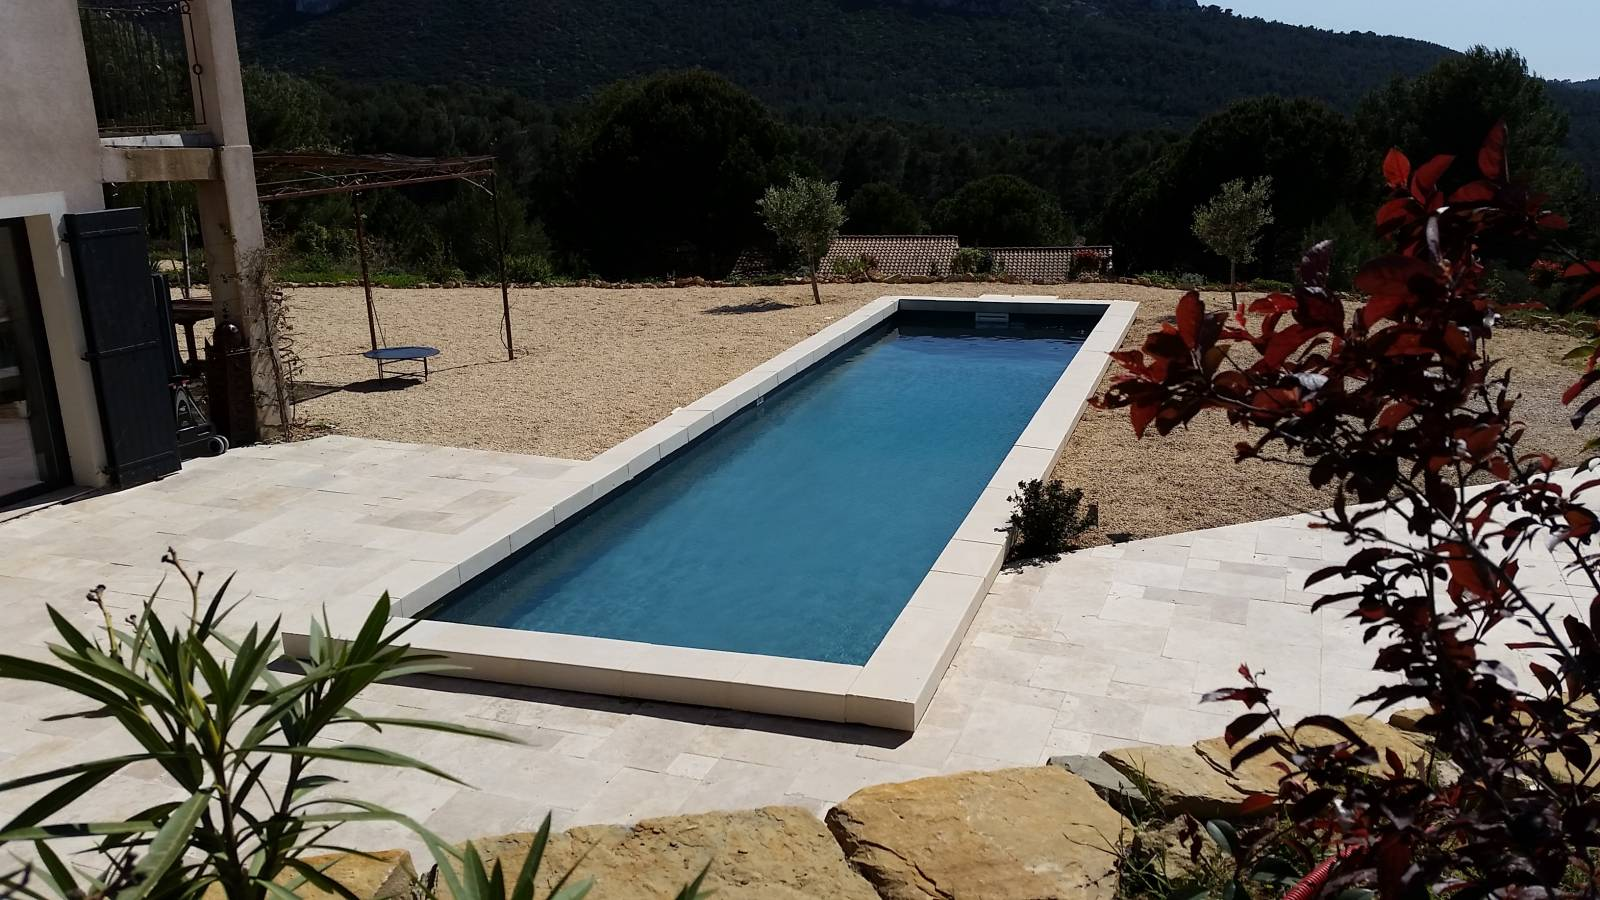 Prix D Un Couloir De Nage couloir de nage 15x3 m gris anthracite pour piscine - jce